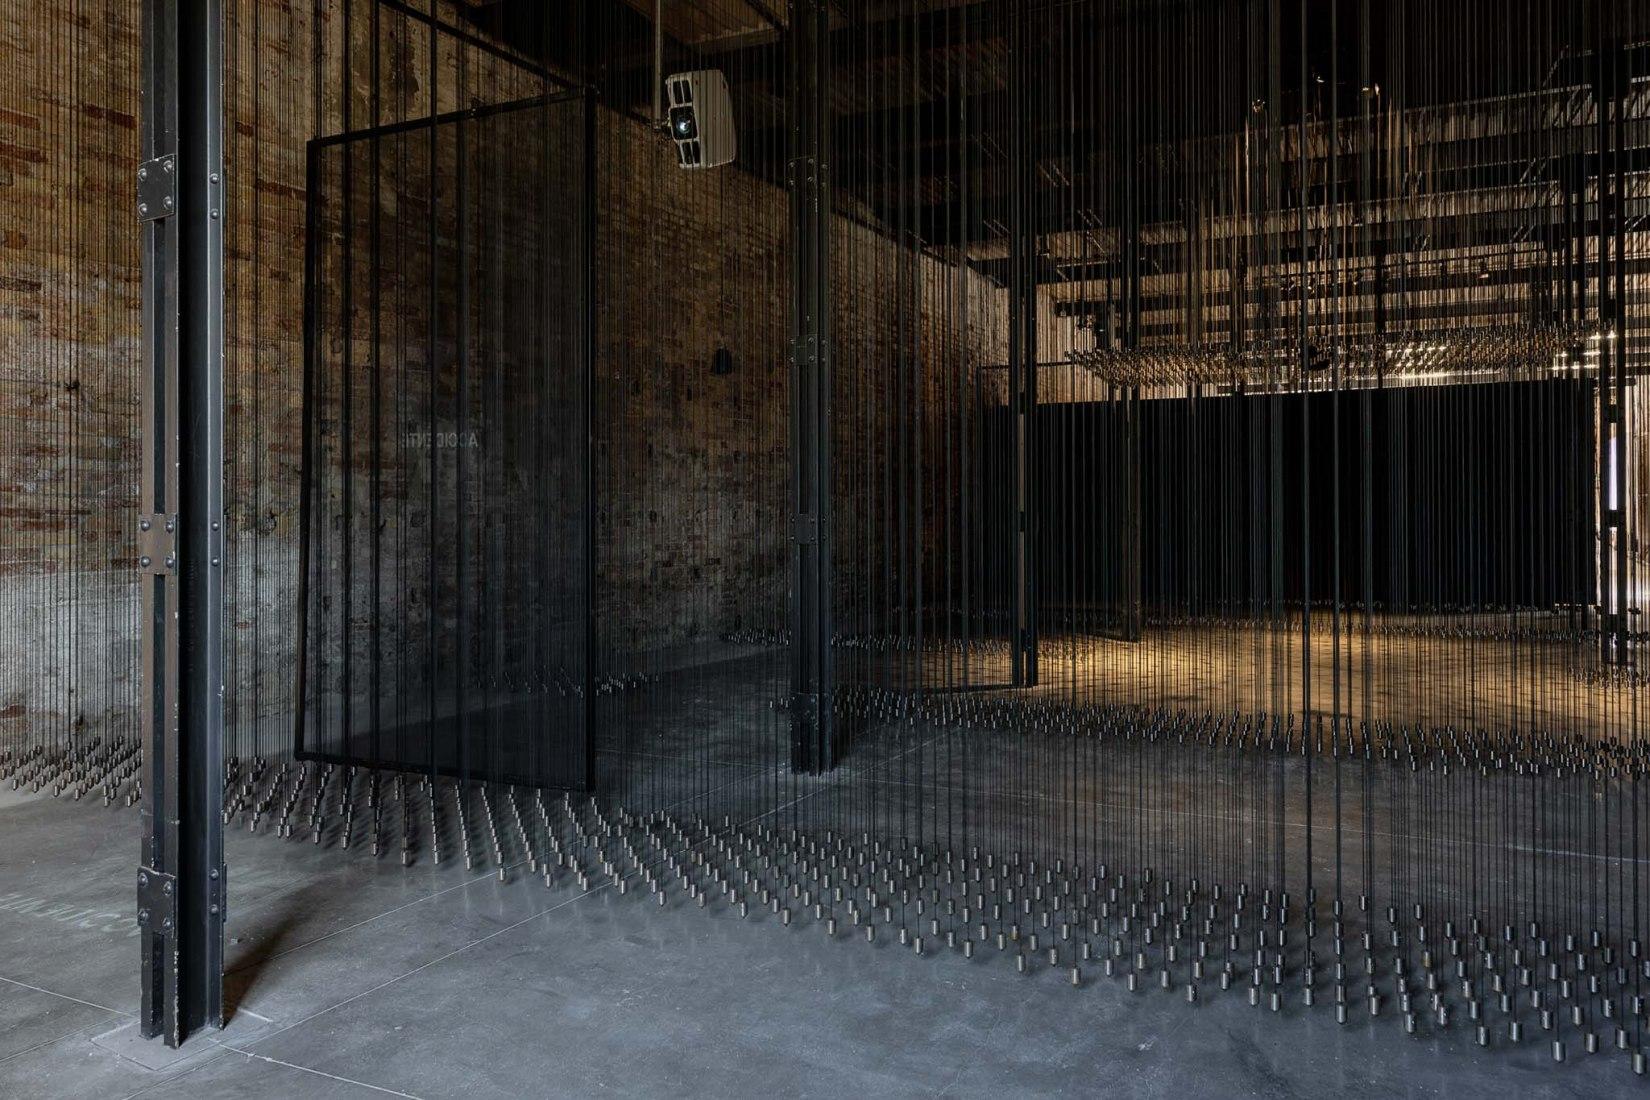 Displacements. Mexico Pavilion, 17th International Architecture Exhibition of La Biennale di Venezia. Photograph by Andrea Avezzù.